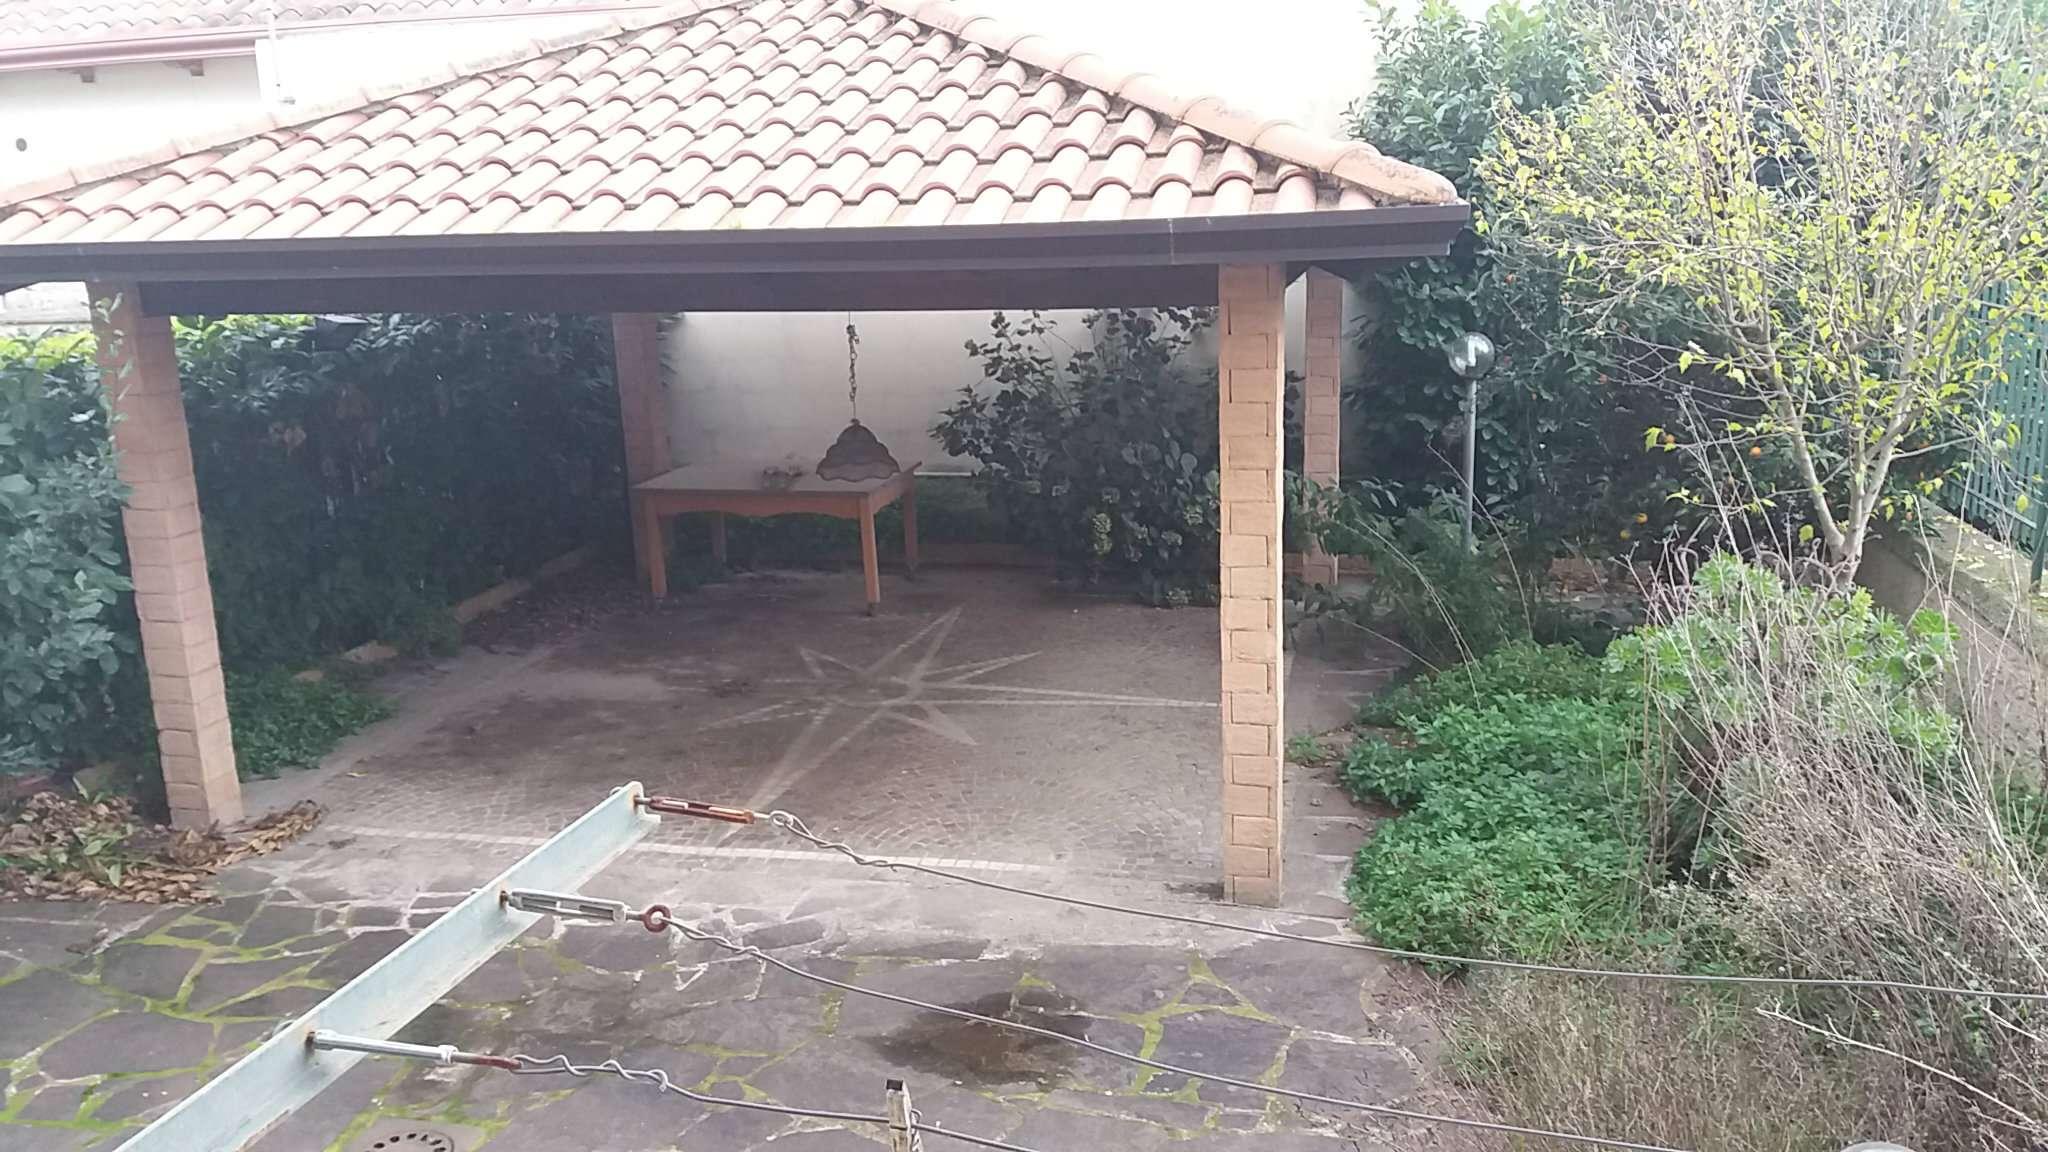 Villa in vendita a Giugliano in Campania, 10 locali, prezzo € 405.000 | CambioCasa.it